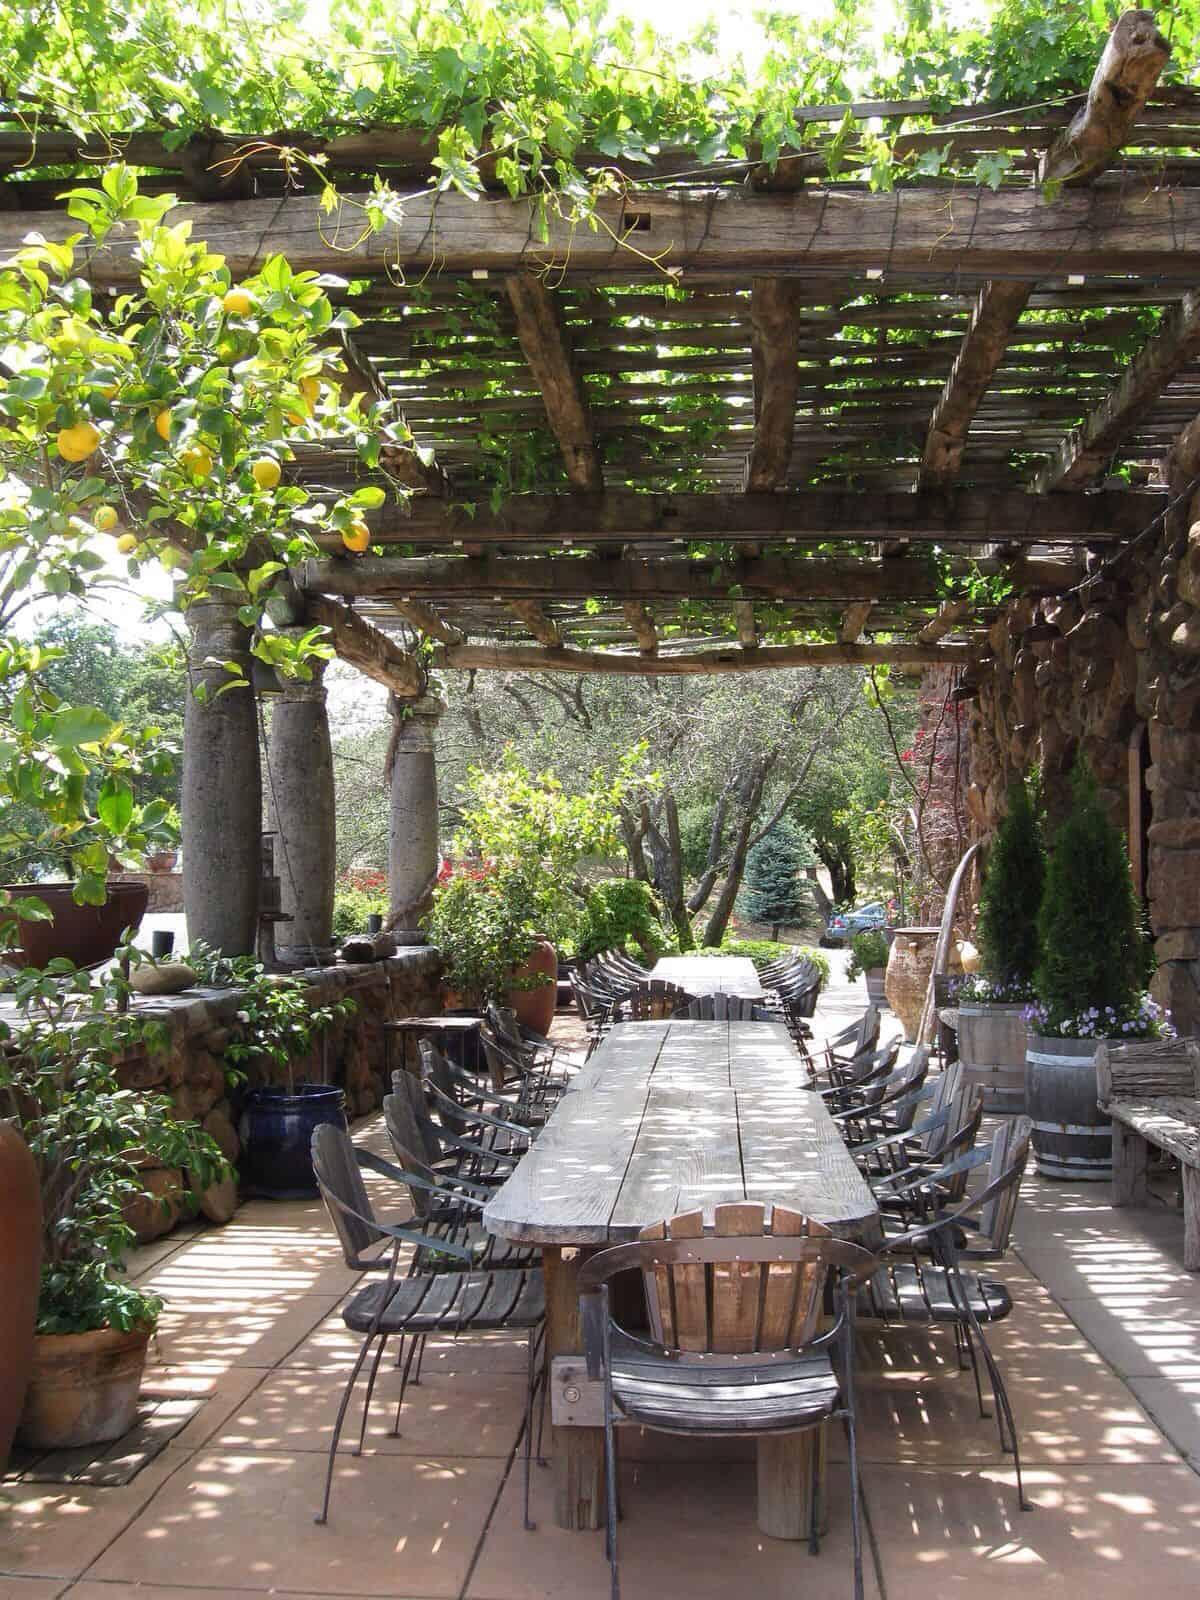 pergola-design-ideas-outdoor-dining